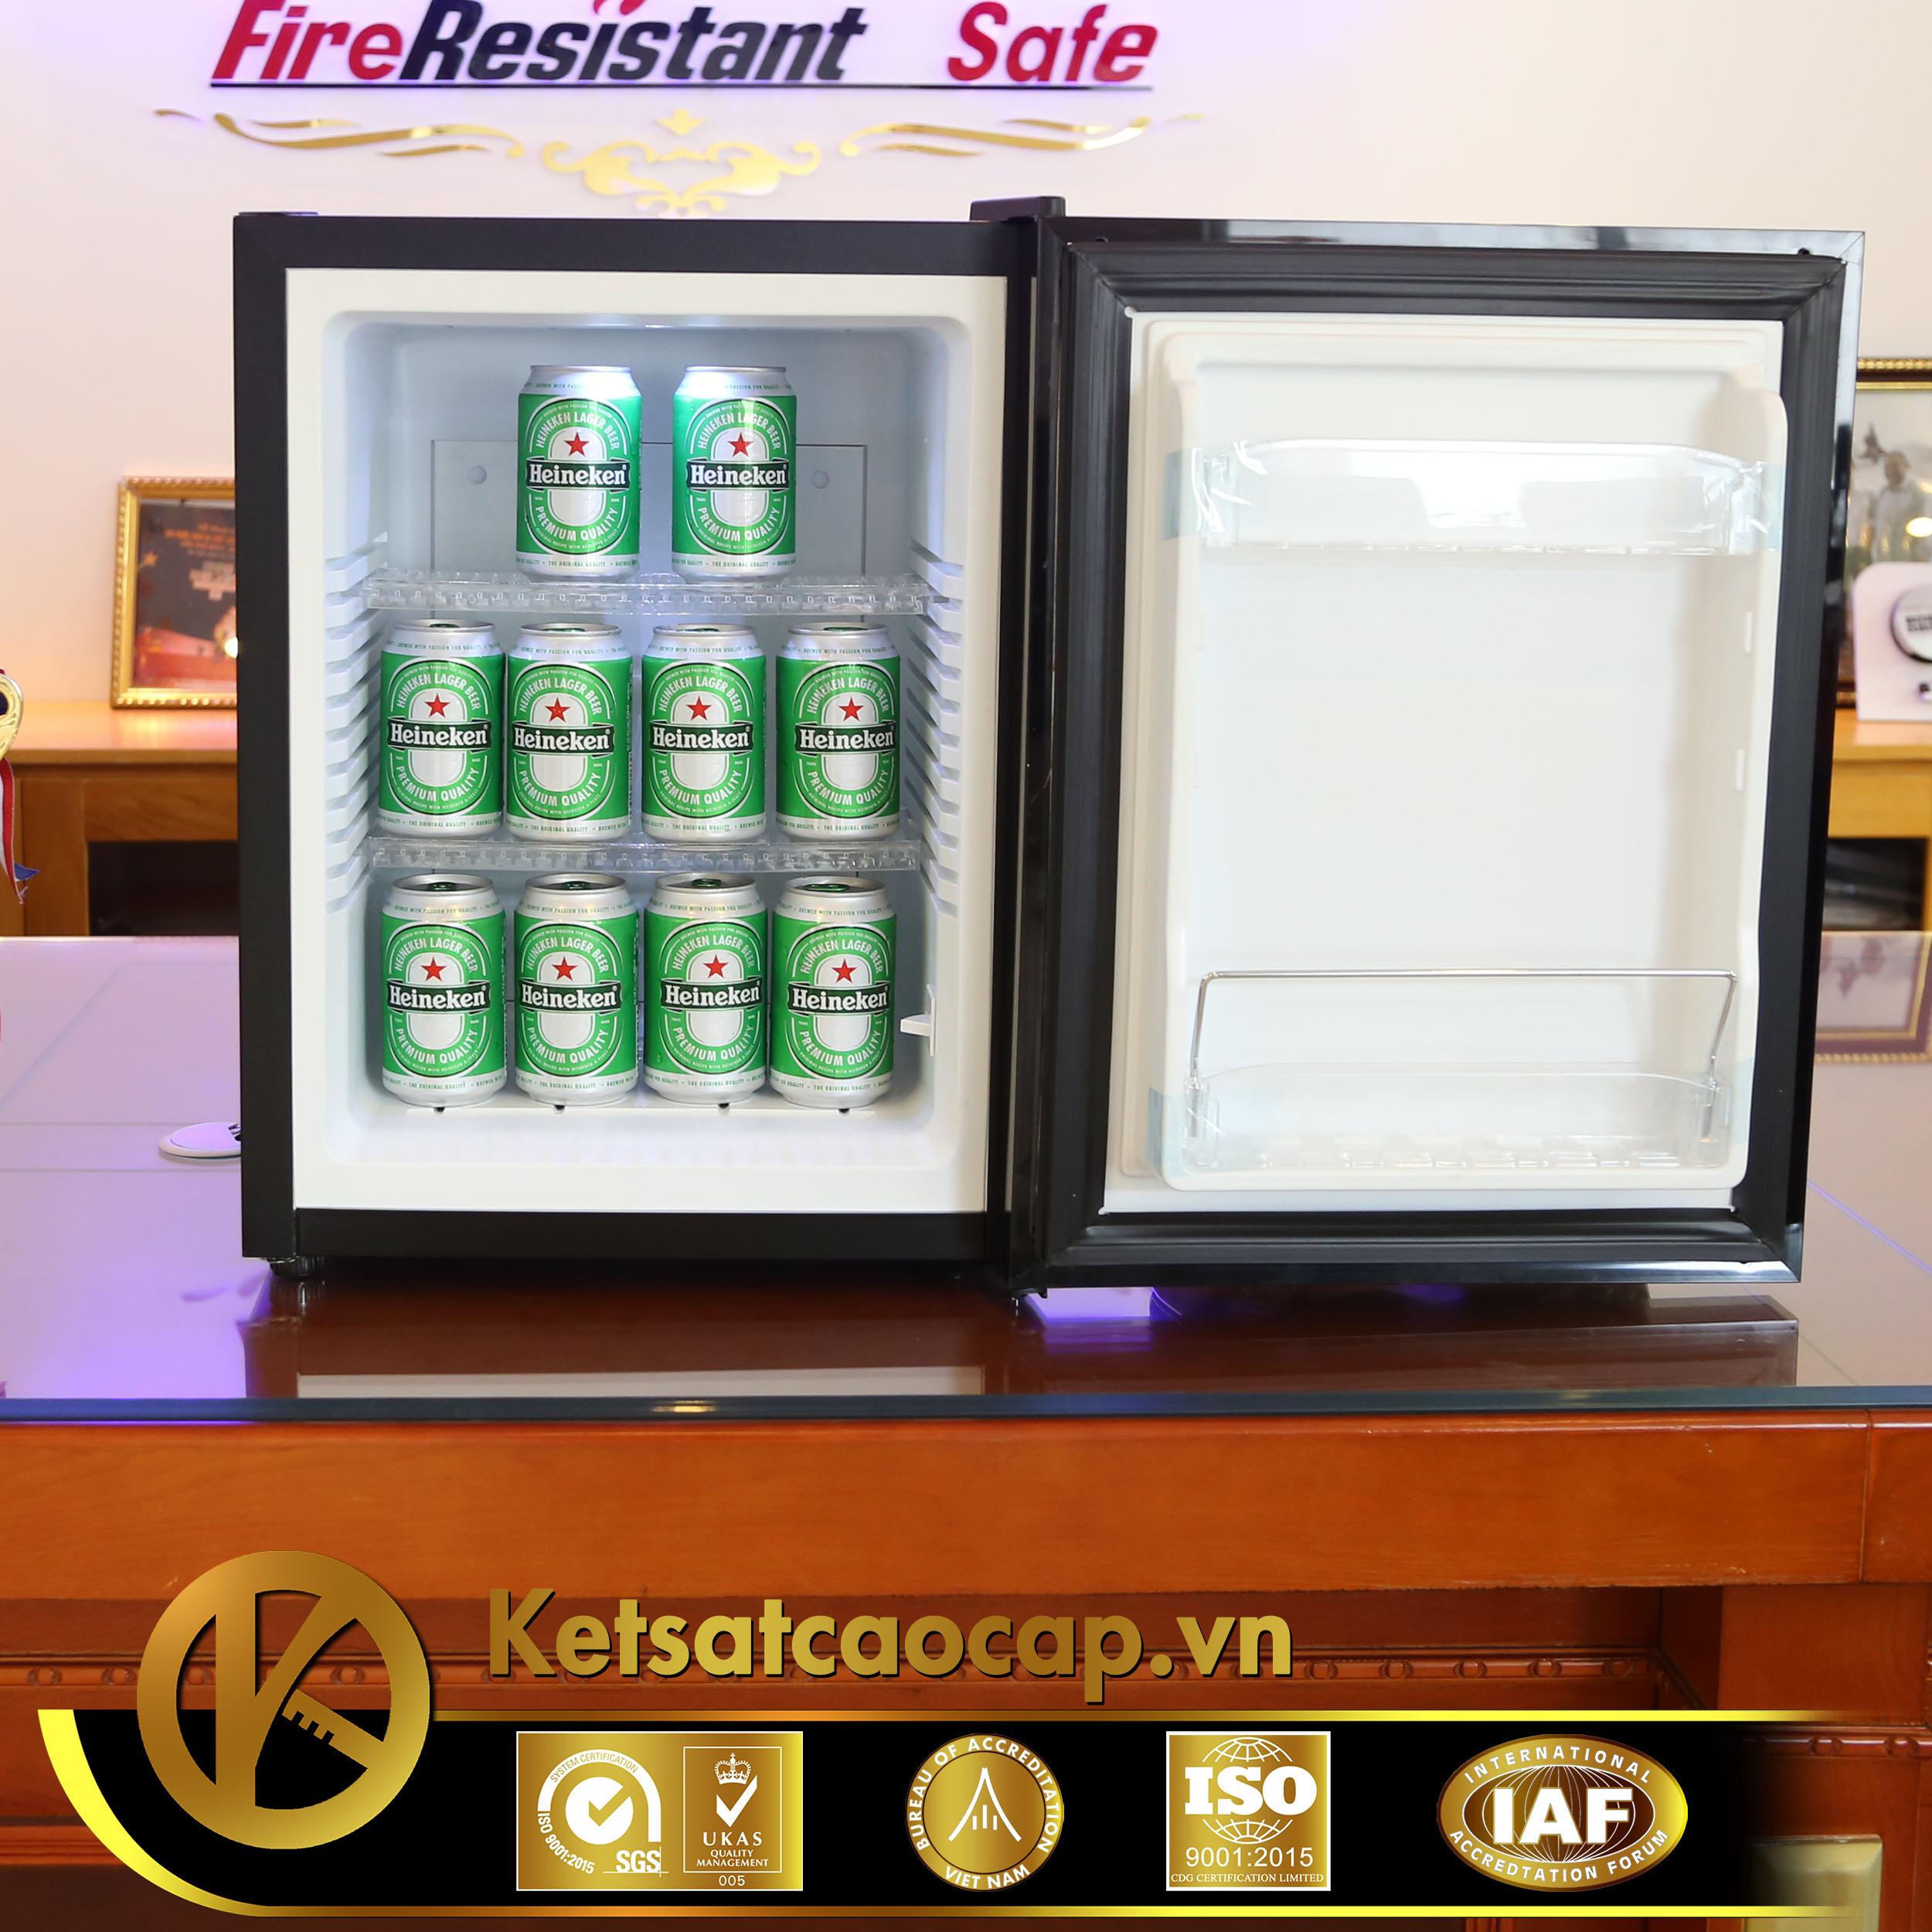 đặc điểm sản phẩm Tủ mát khách sạn cao cấp Minibar